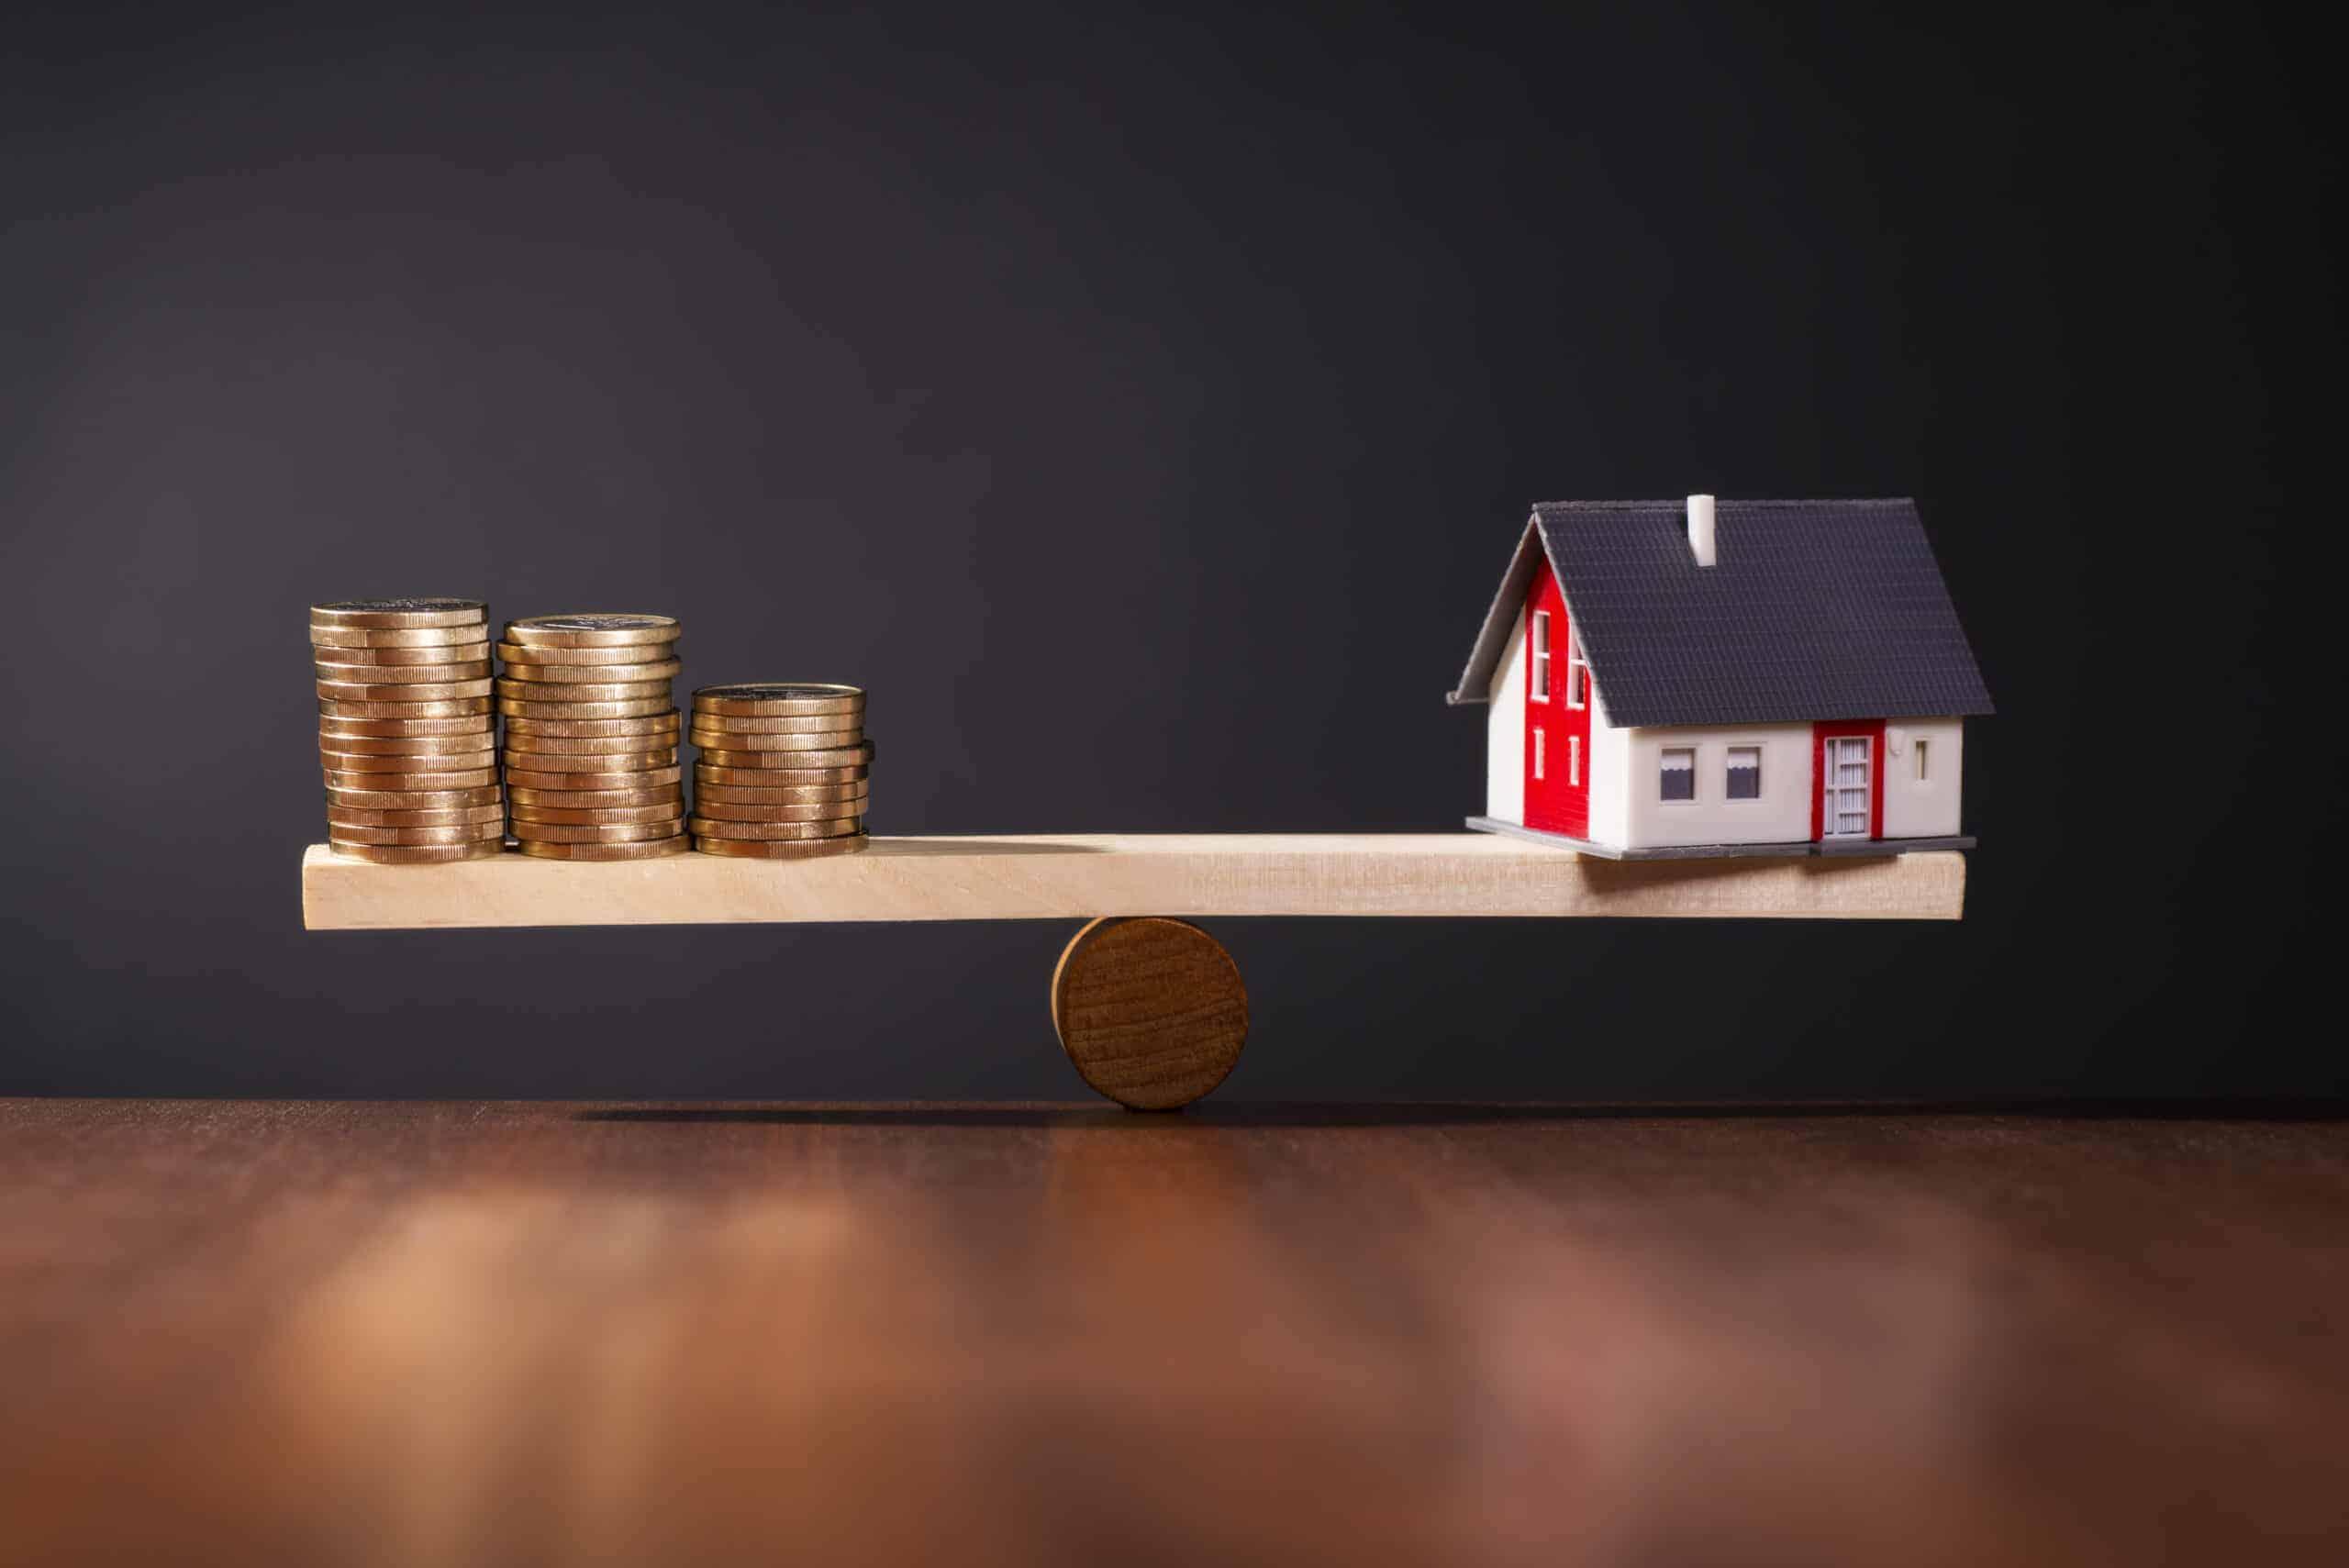 Saiba tudo sobre empréstimos com garantia de imóvel